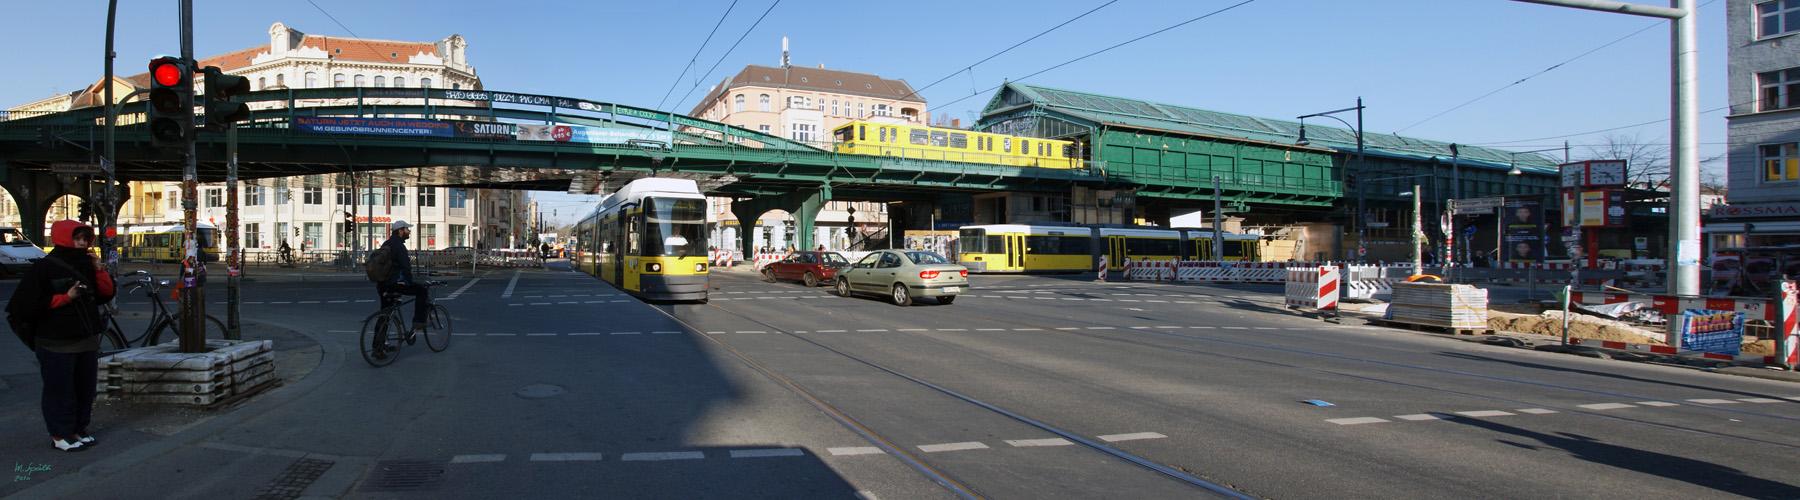 U-Bahnhof Eberswalder Strasse in der Morgensonne Reload 2